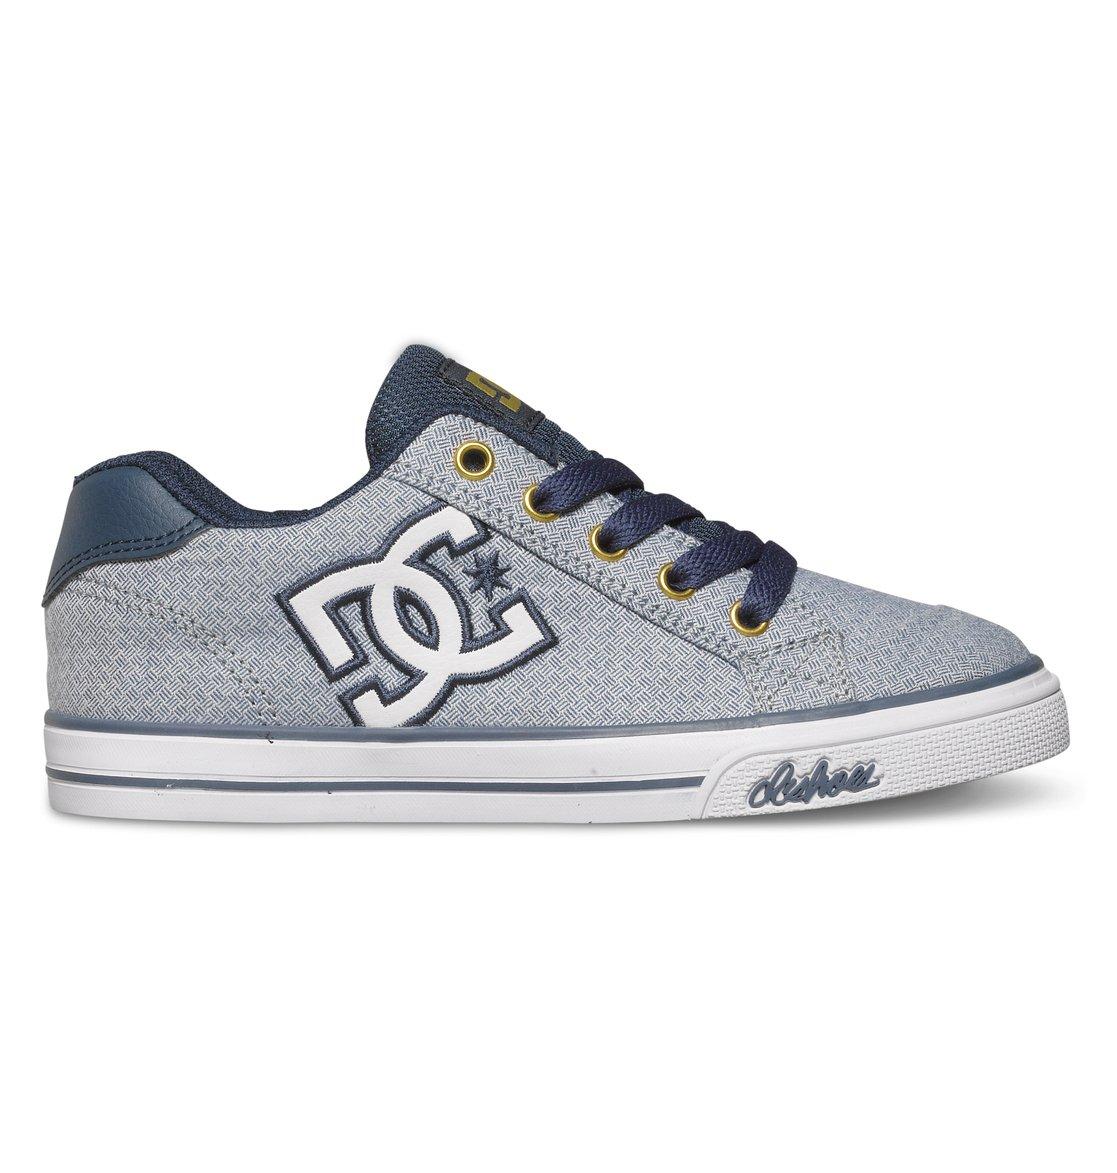 Dc Shoes Femme Chelsea Tx Se